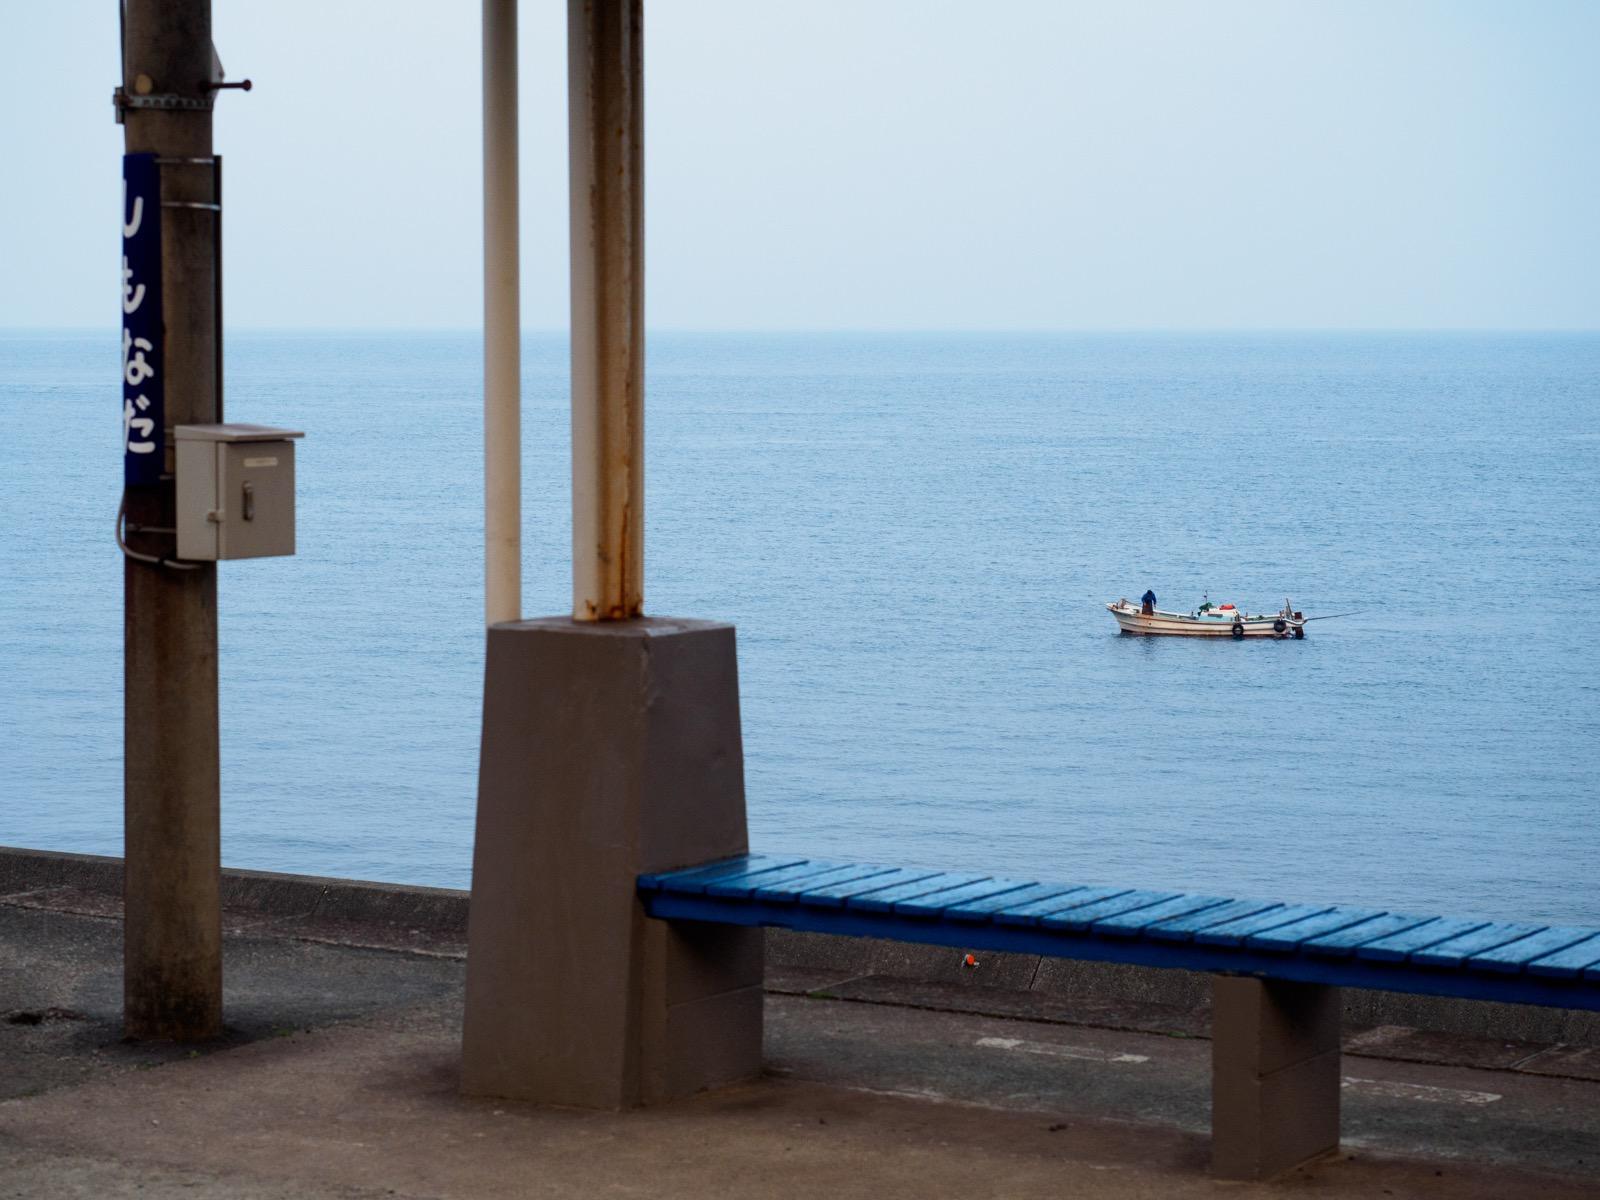 早朝の下灘駅から見た瀬戸内海と漁船